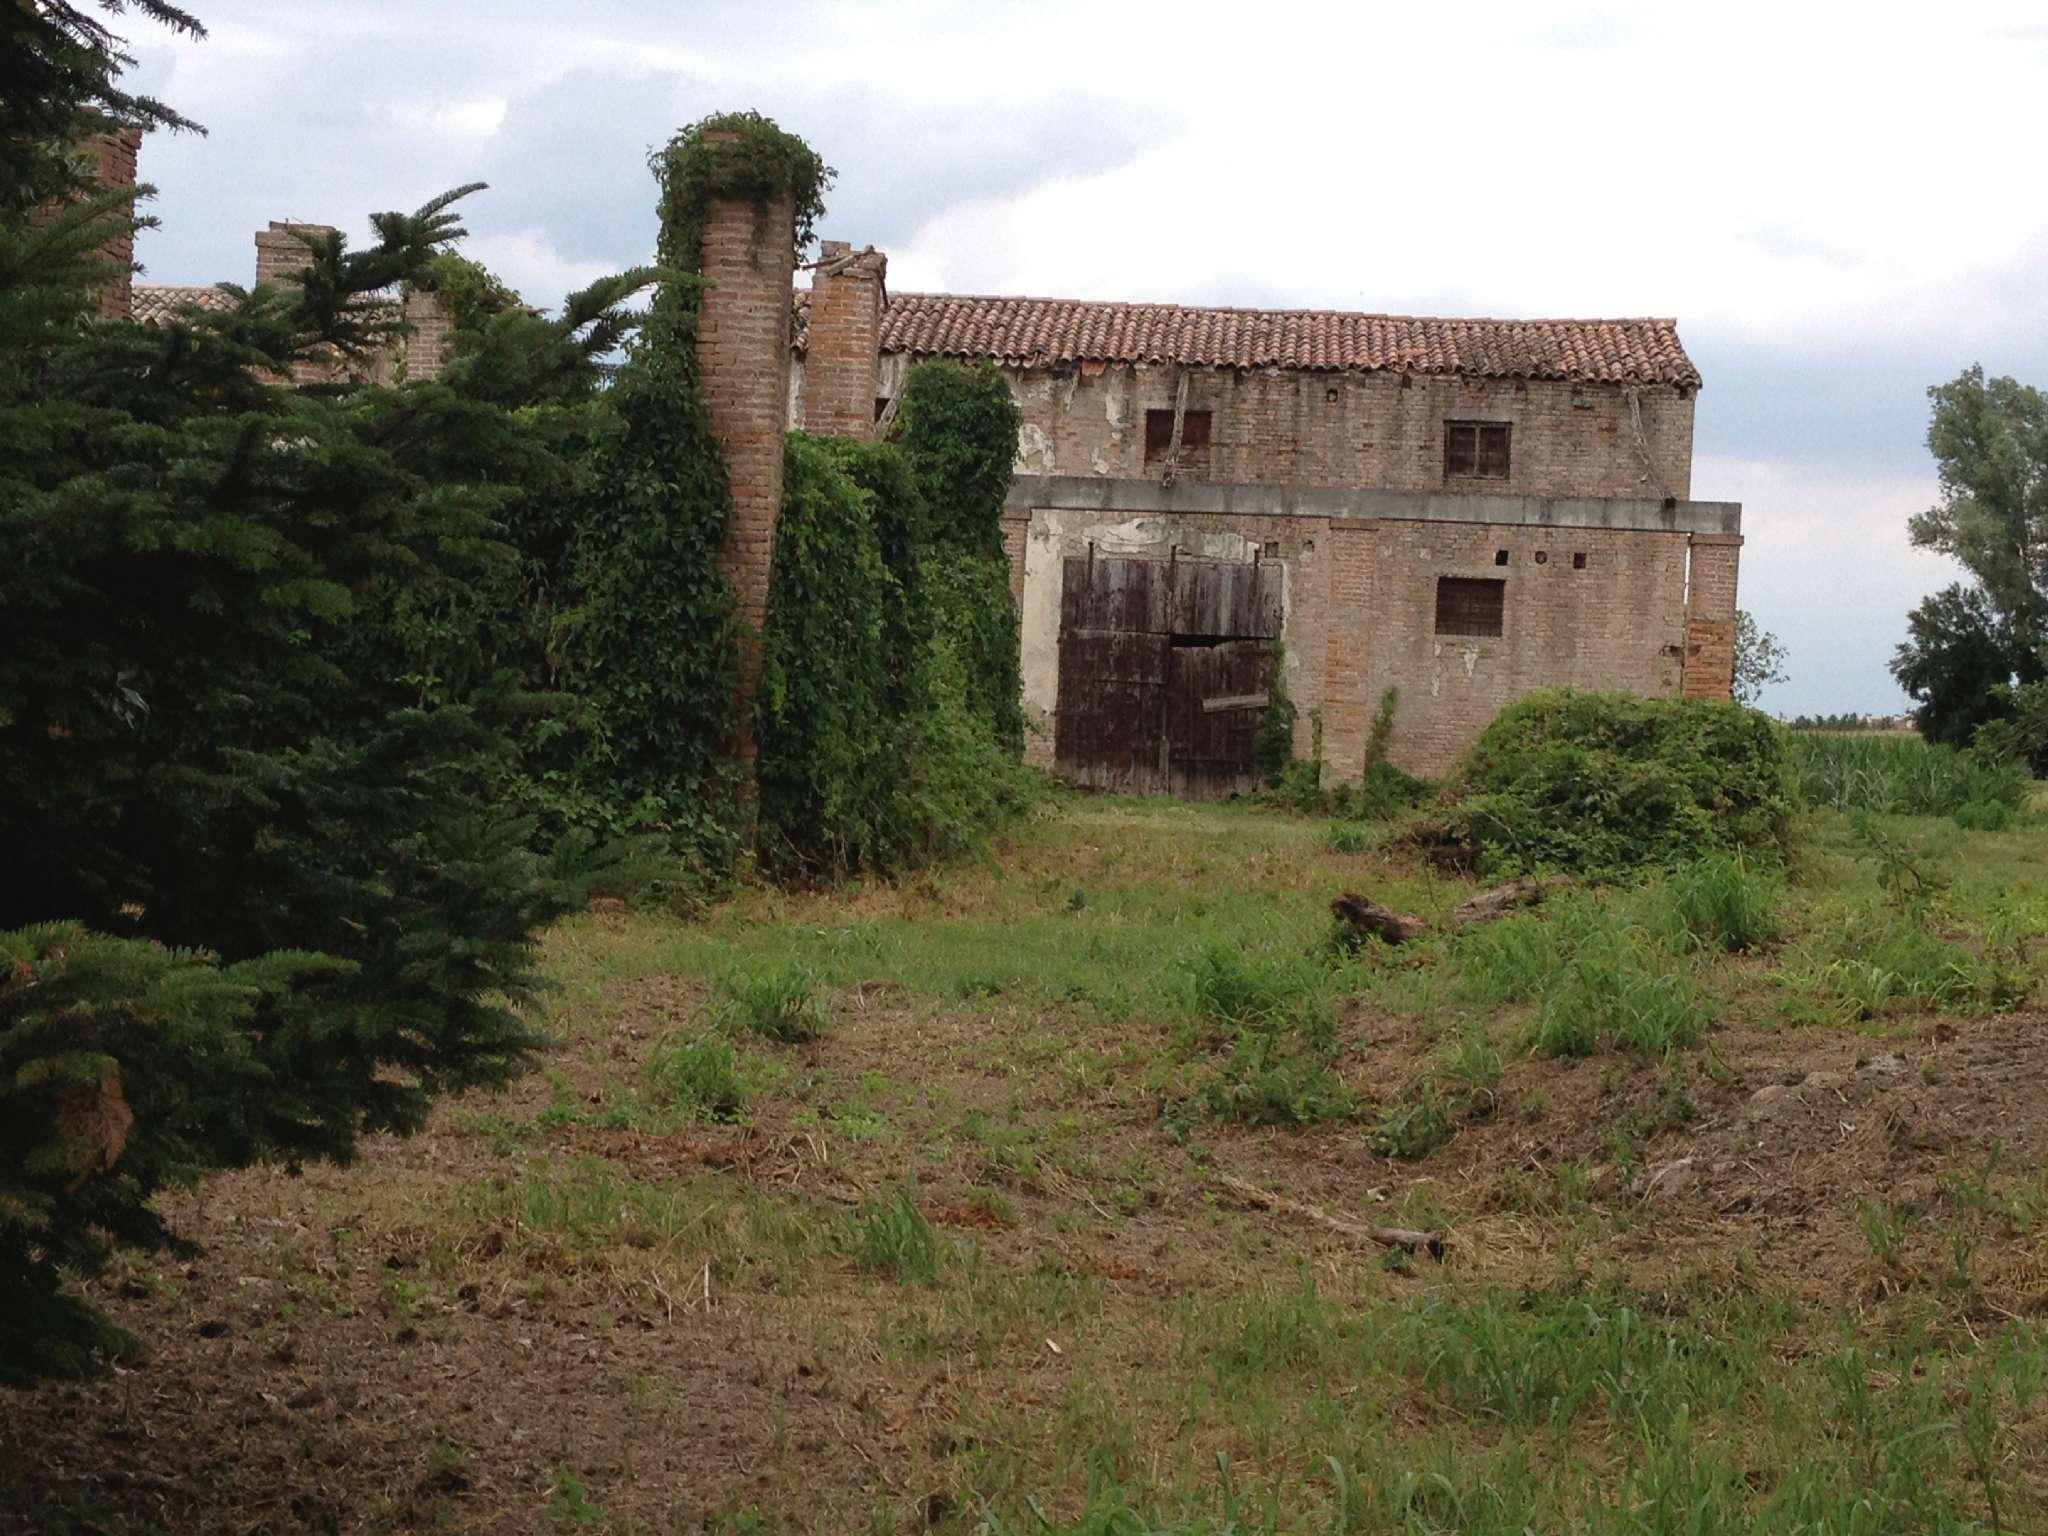 Rustico / Casale in vendita a Tribano, 9999 locali, prezzo € 60.000 | CambioCasa.it